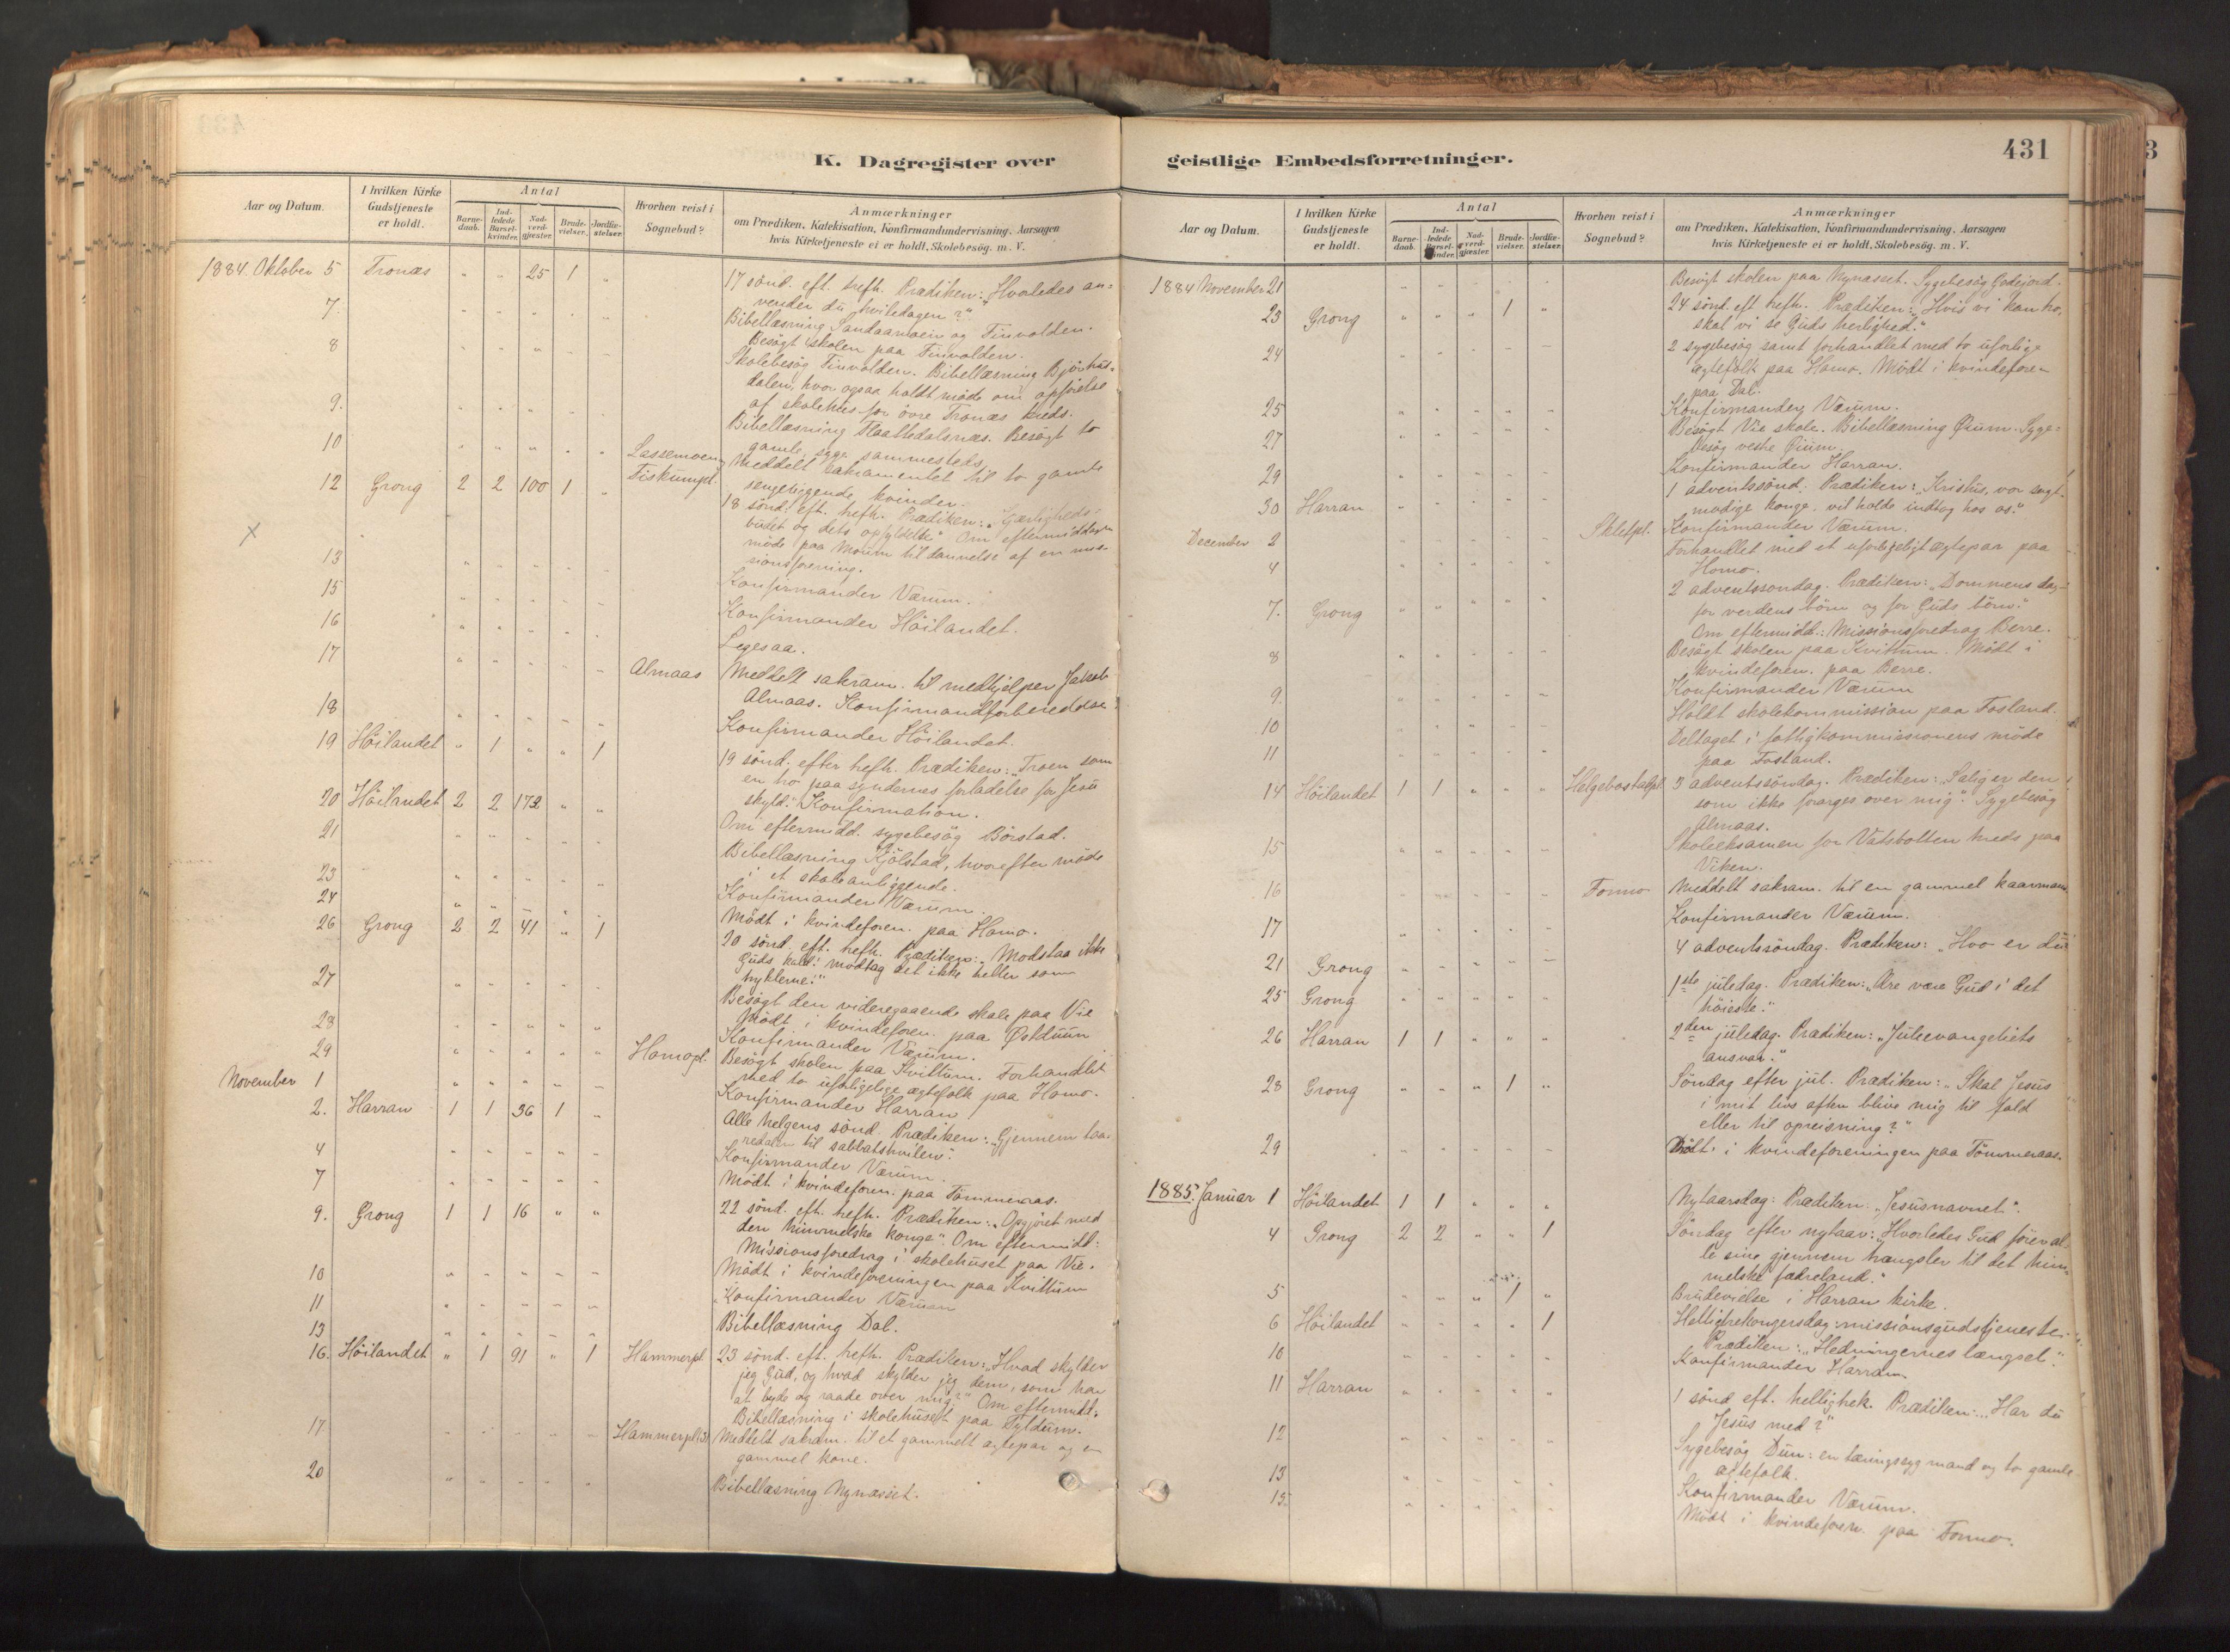 SAT, Ministerialprotokoller, klokkerbøker og fødselsregistre - Nord-Trøndelag, 758/L0519: Ministerialbok nr. 758A04, 1880-1926, s. 431